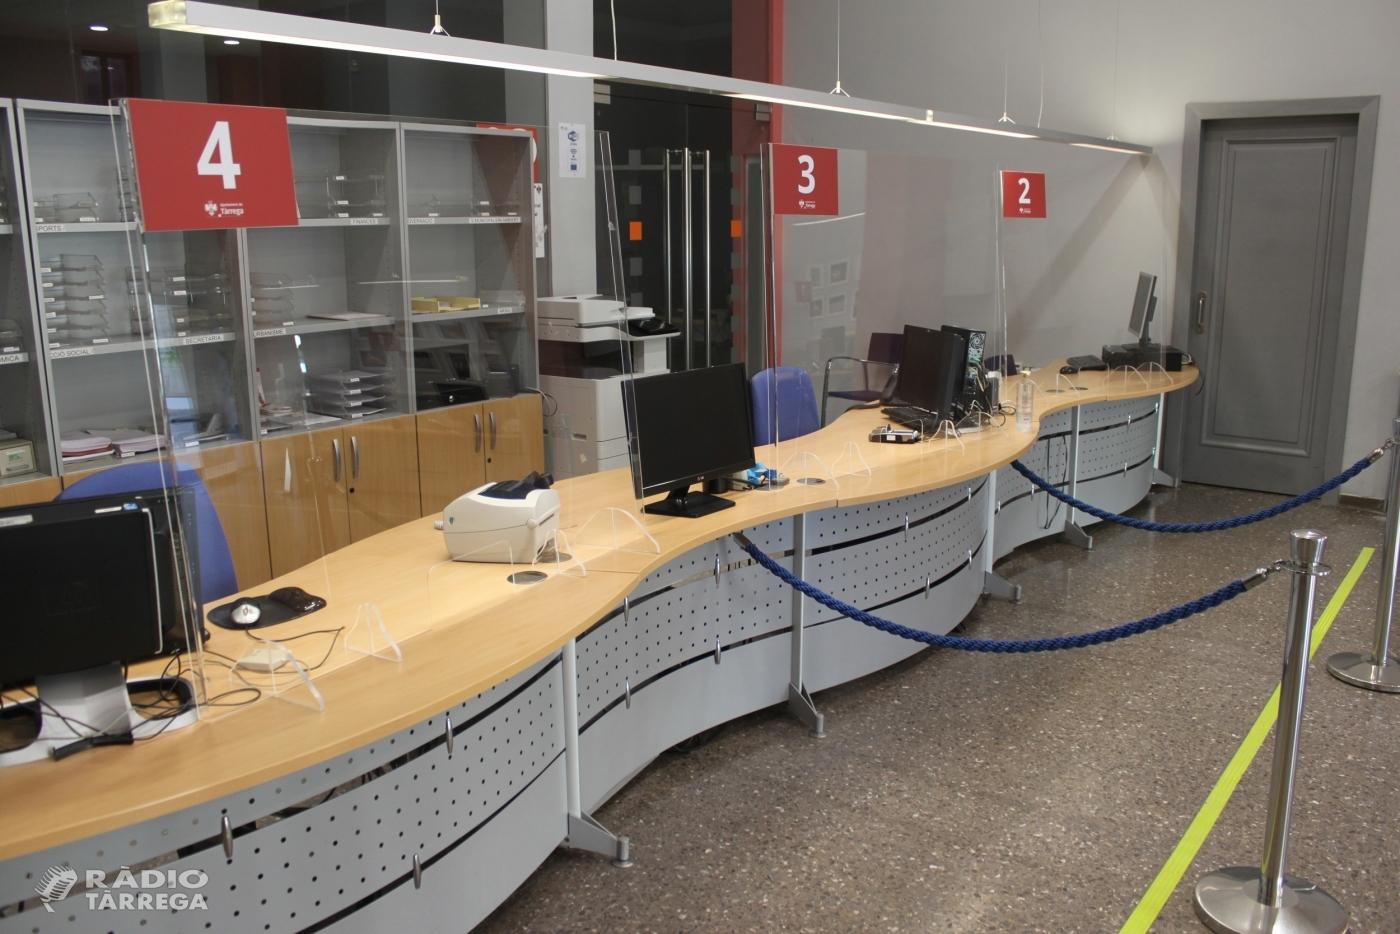 L'Ajuntament de Tàrrega implanta el sistema de cita prèvia a l'Oficina d'Atenció Ciutadana a partir de l'1 d'octubre